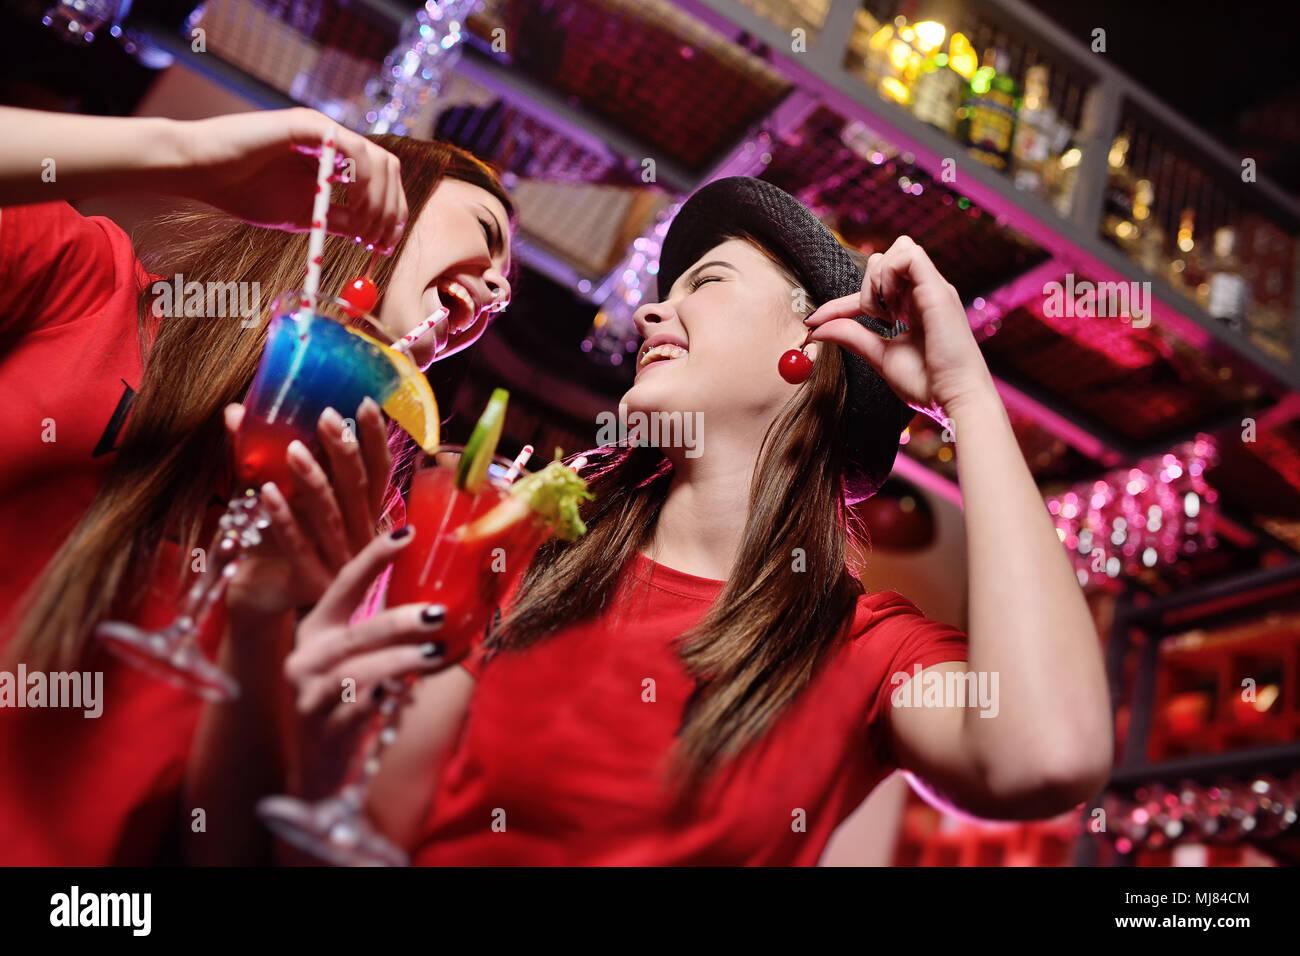 Zwei attraktive junge Freunde an einer Partei Lachen mit Cocktails in den Händen einer Bar. Stockbild